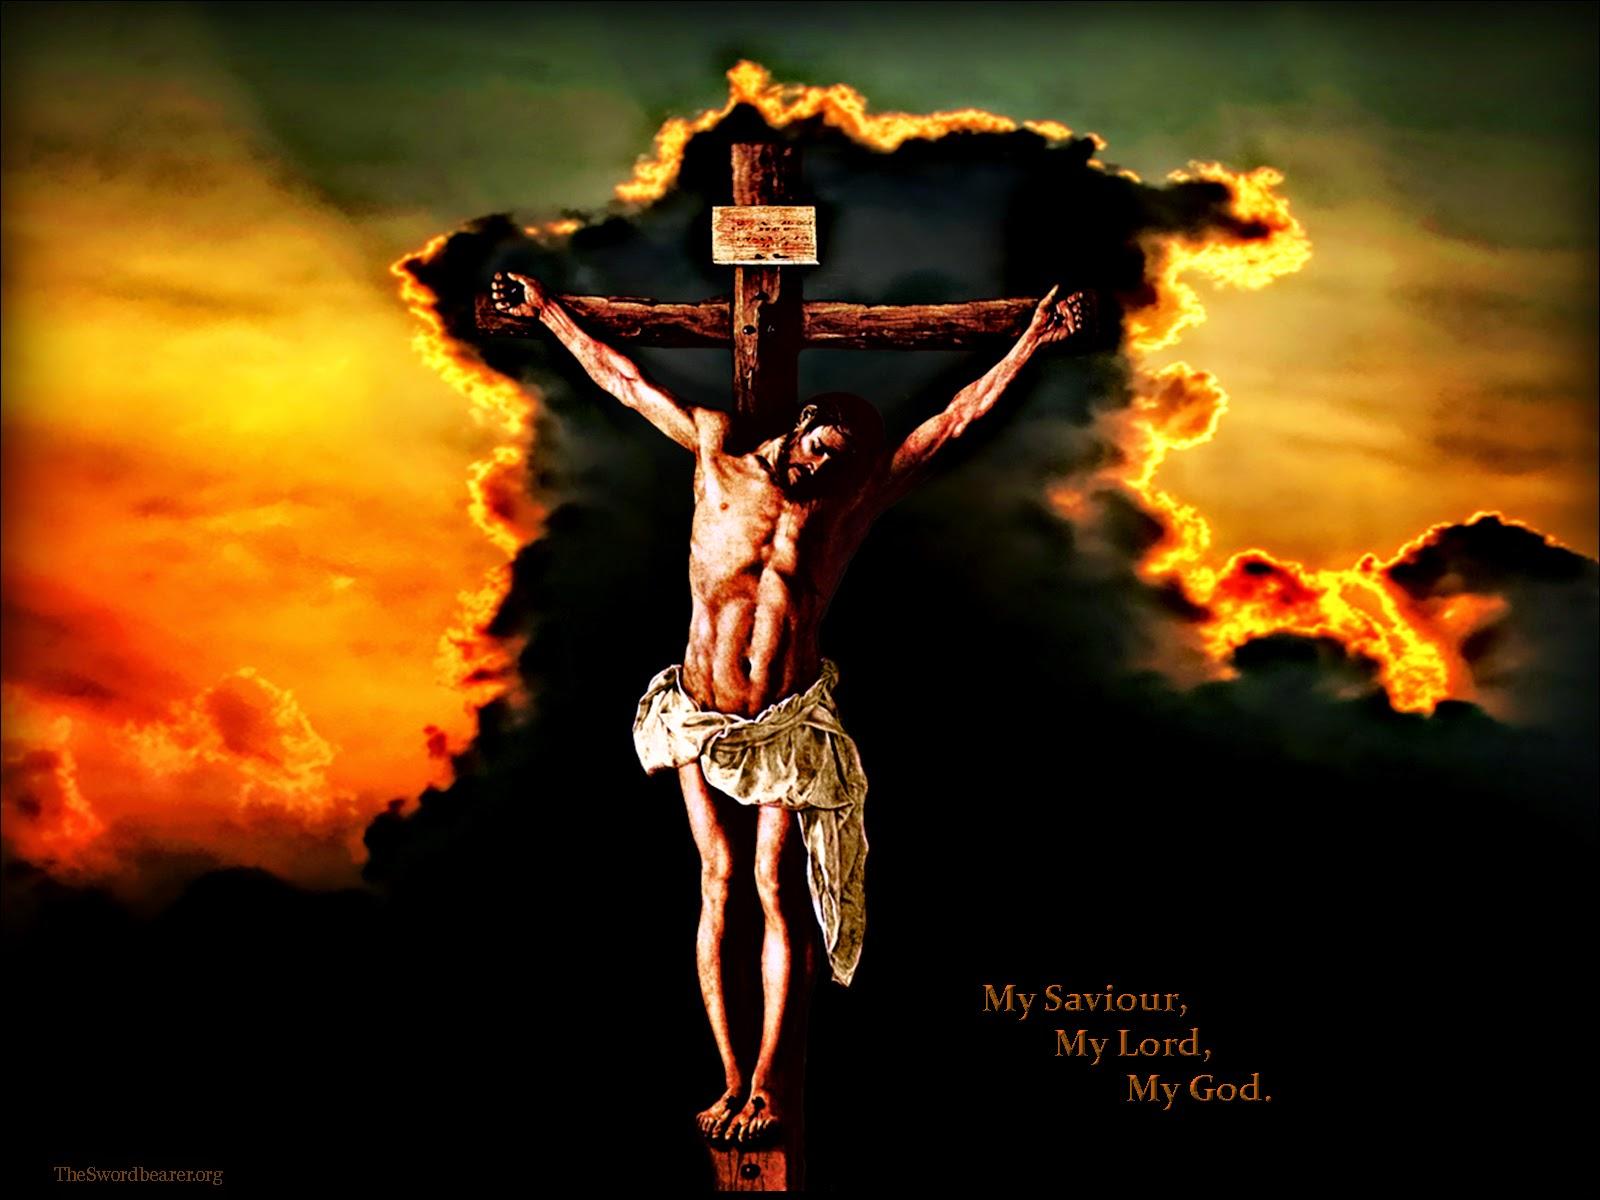 wallpaper jesus christ on the cross hd 874910 hd wallpaper backgrounds download wallpaper jesus christ on the cross